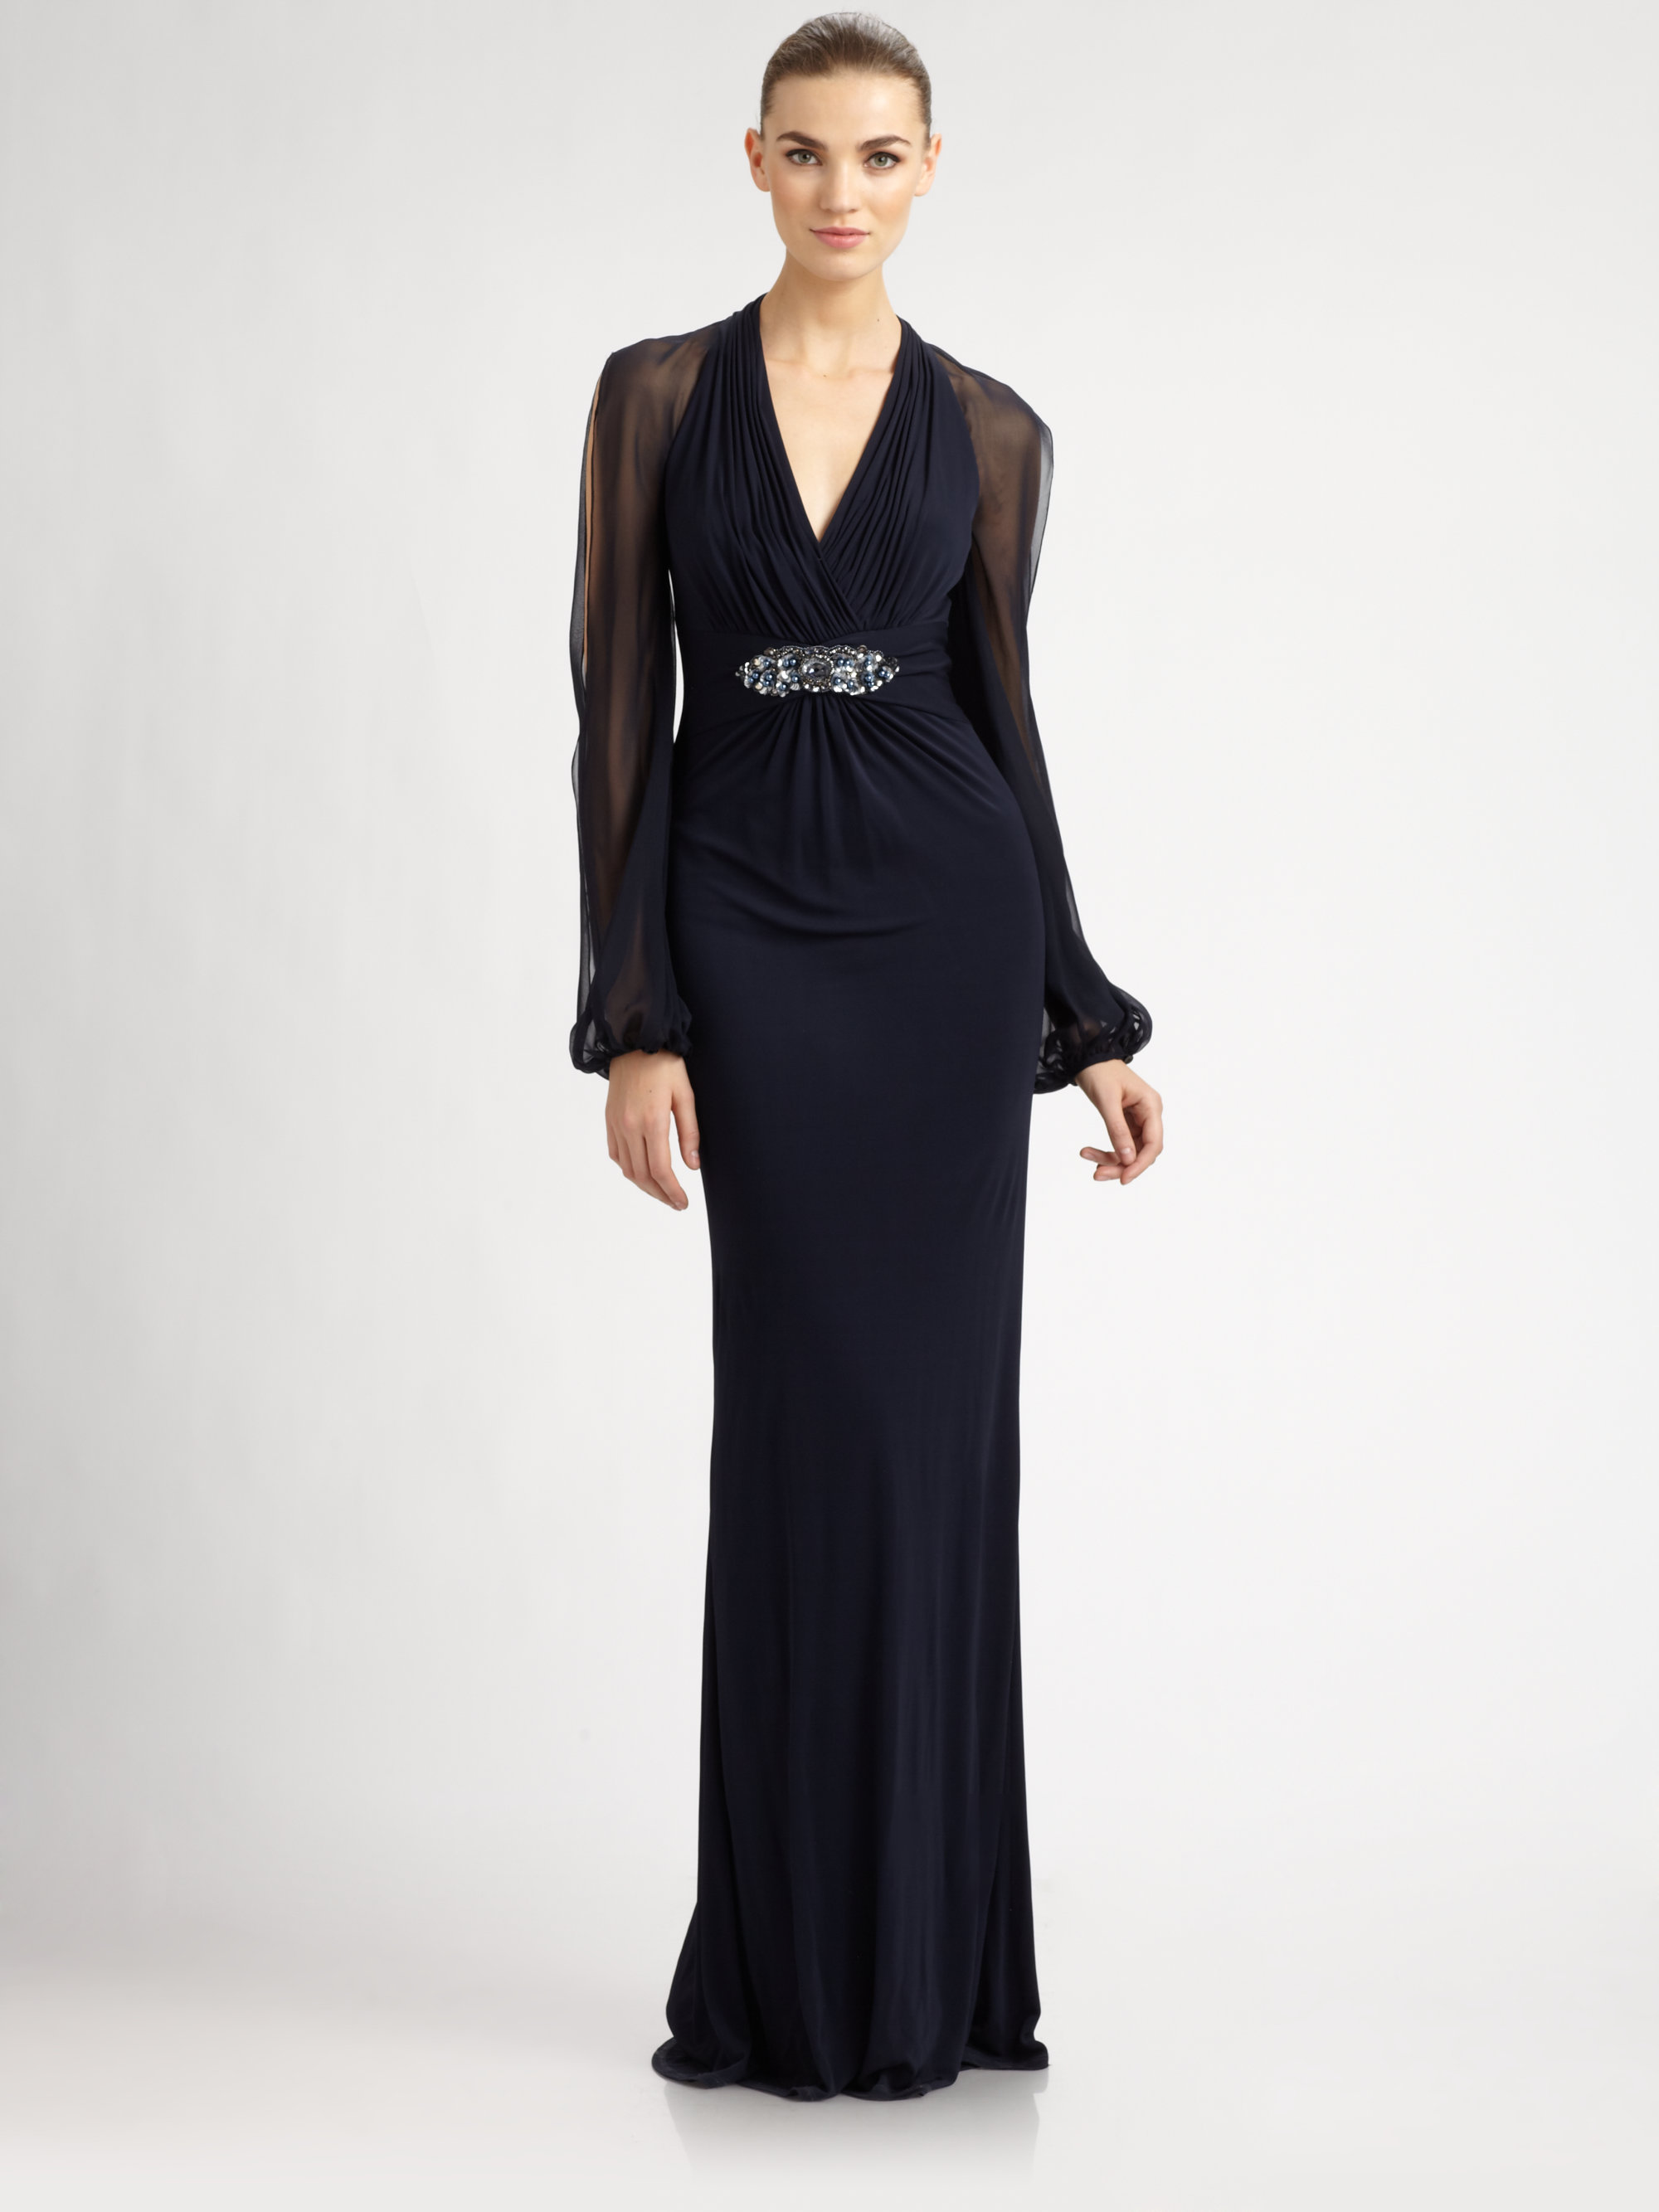 Lyst - David Meister Longsleeve Gown in Blue